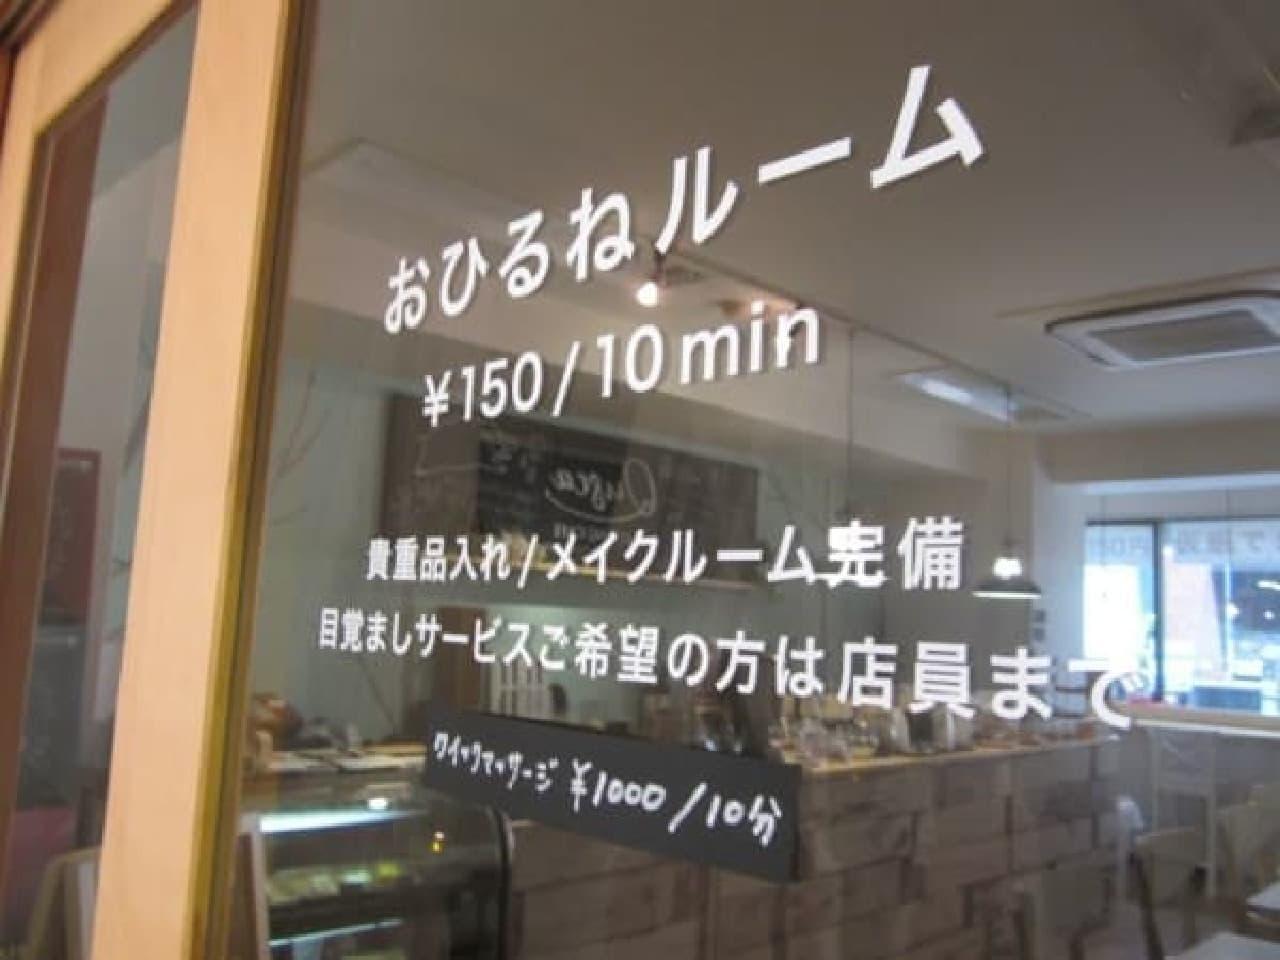 10分間ごとに150円で利用できる「おひるねルーム」